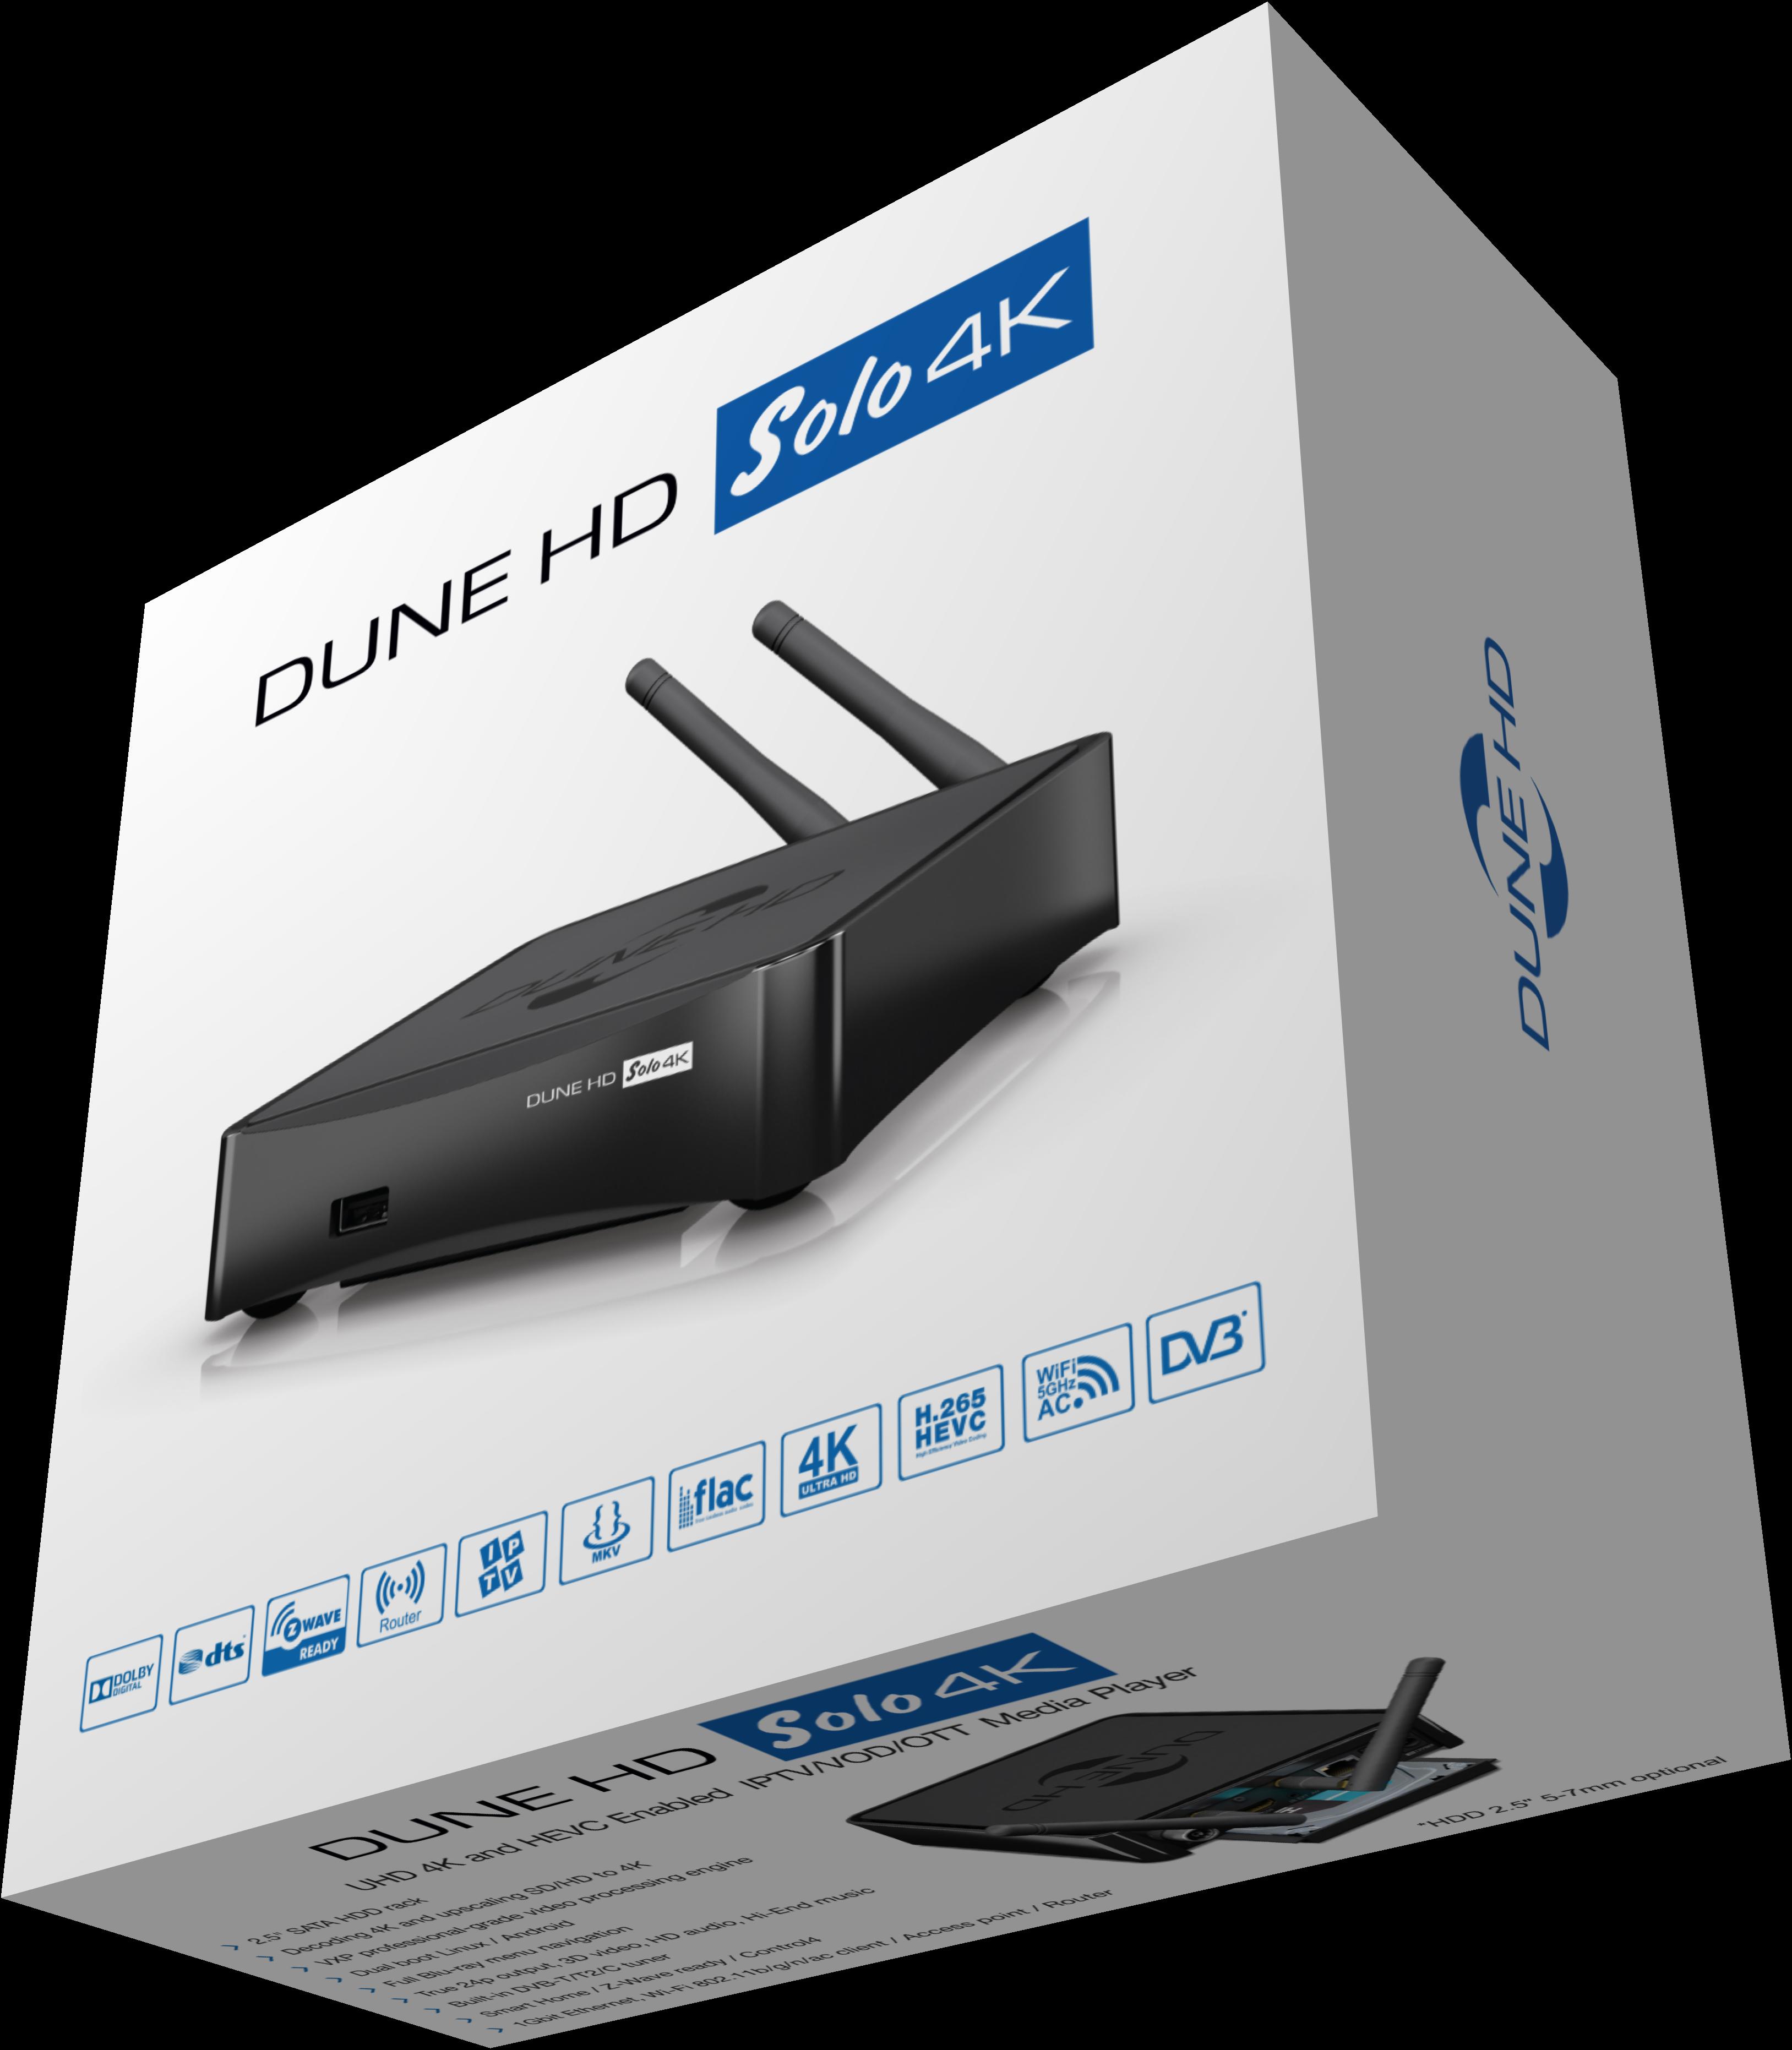 dune_plugin_online_tv